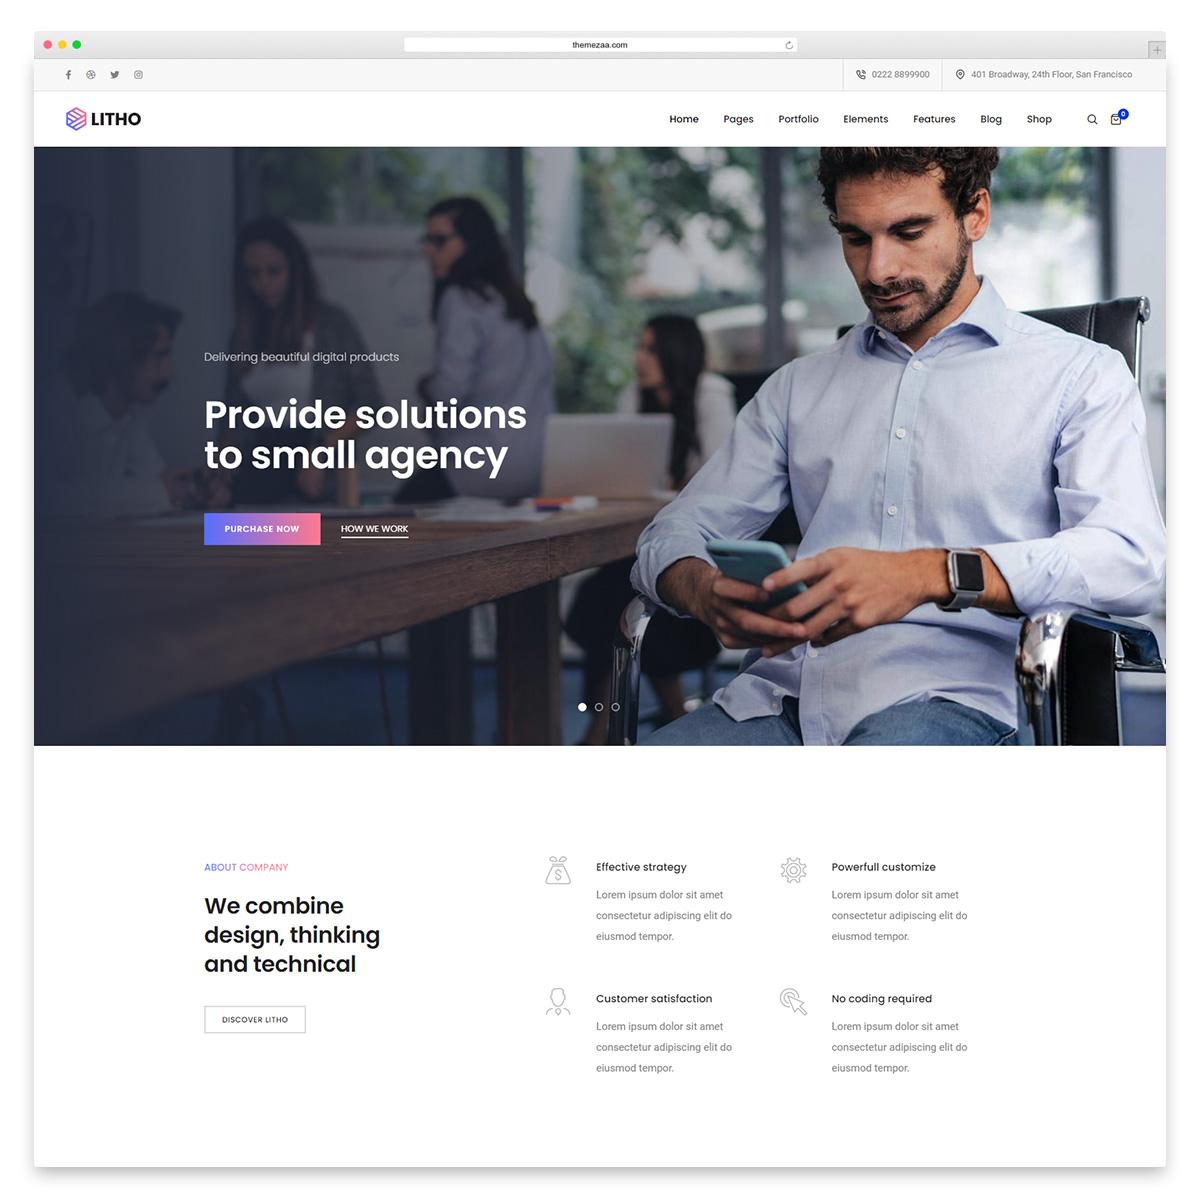 litho small business wordpress theme